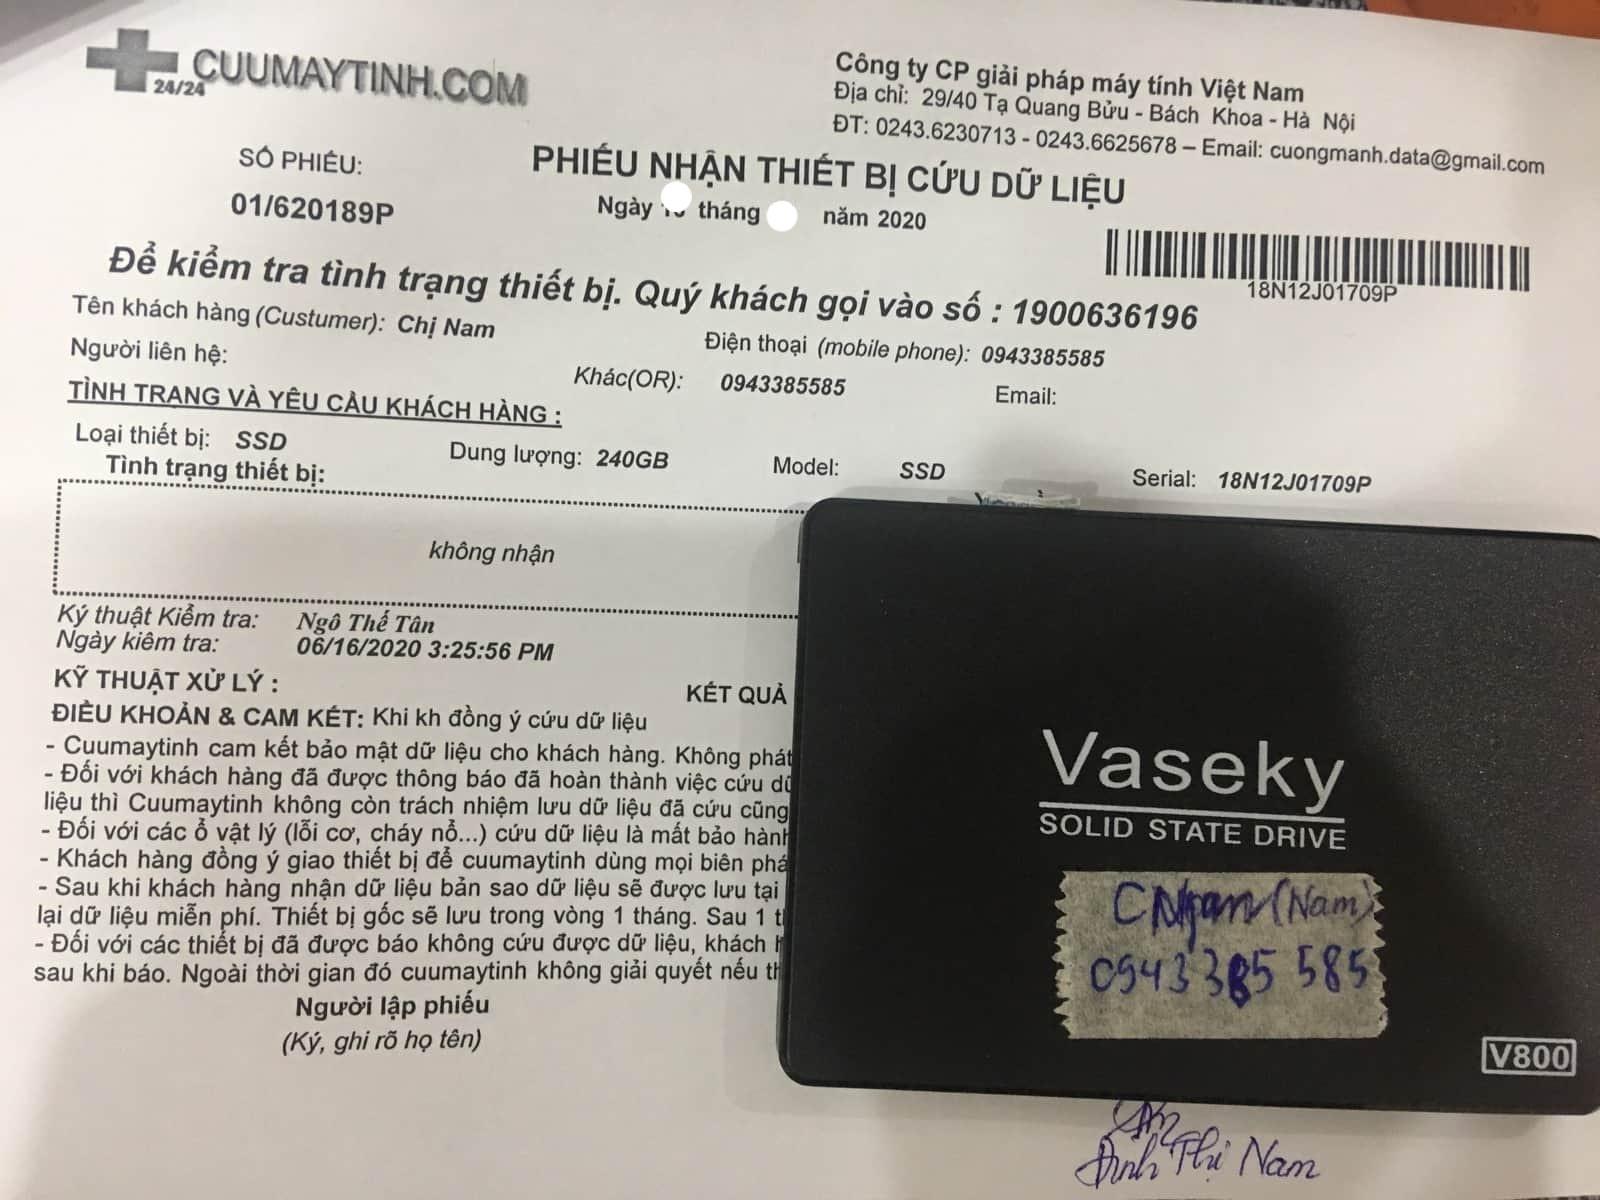 Khôi phục dữ liệu ổ cứng SSD 240GB không nhận 16/07/2020 - cuumaytinh